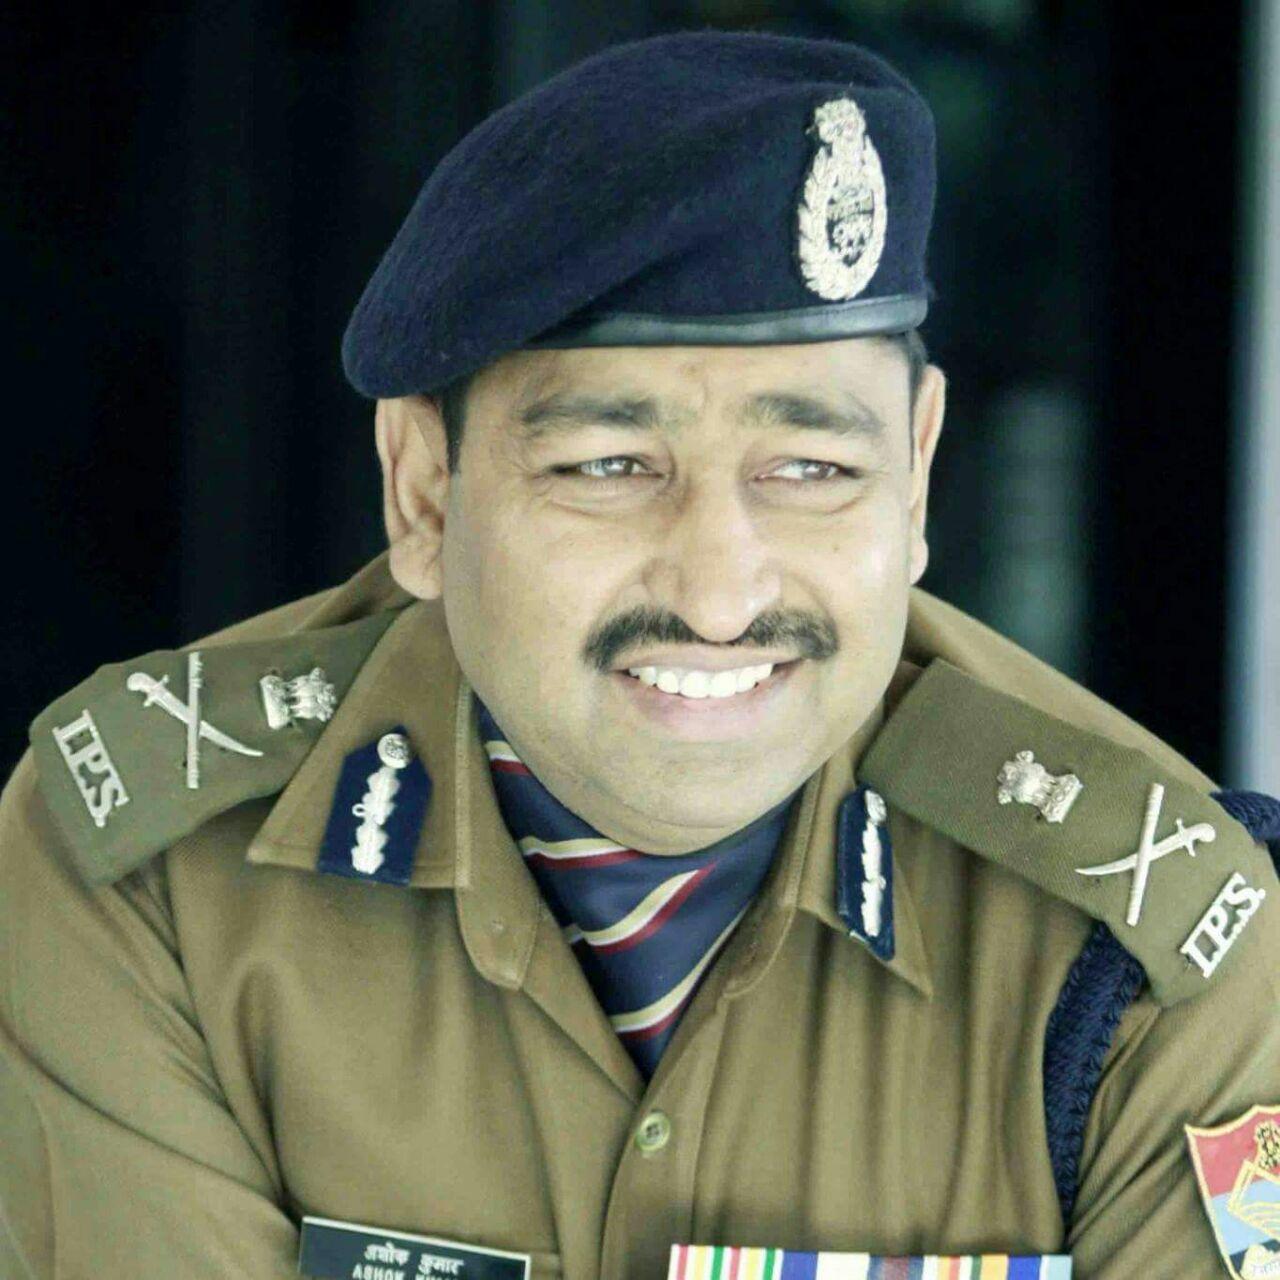 अशोक कुमार होंगे उत्तराखंड के अगले पुलिस महानिदेशक